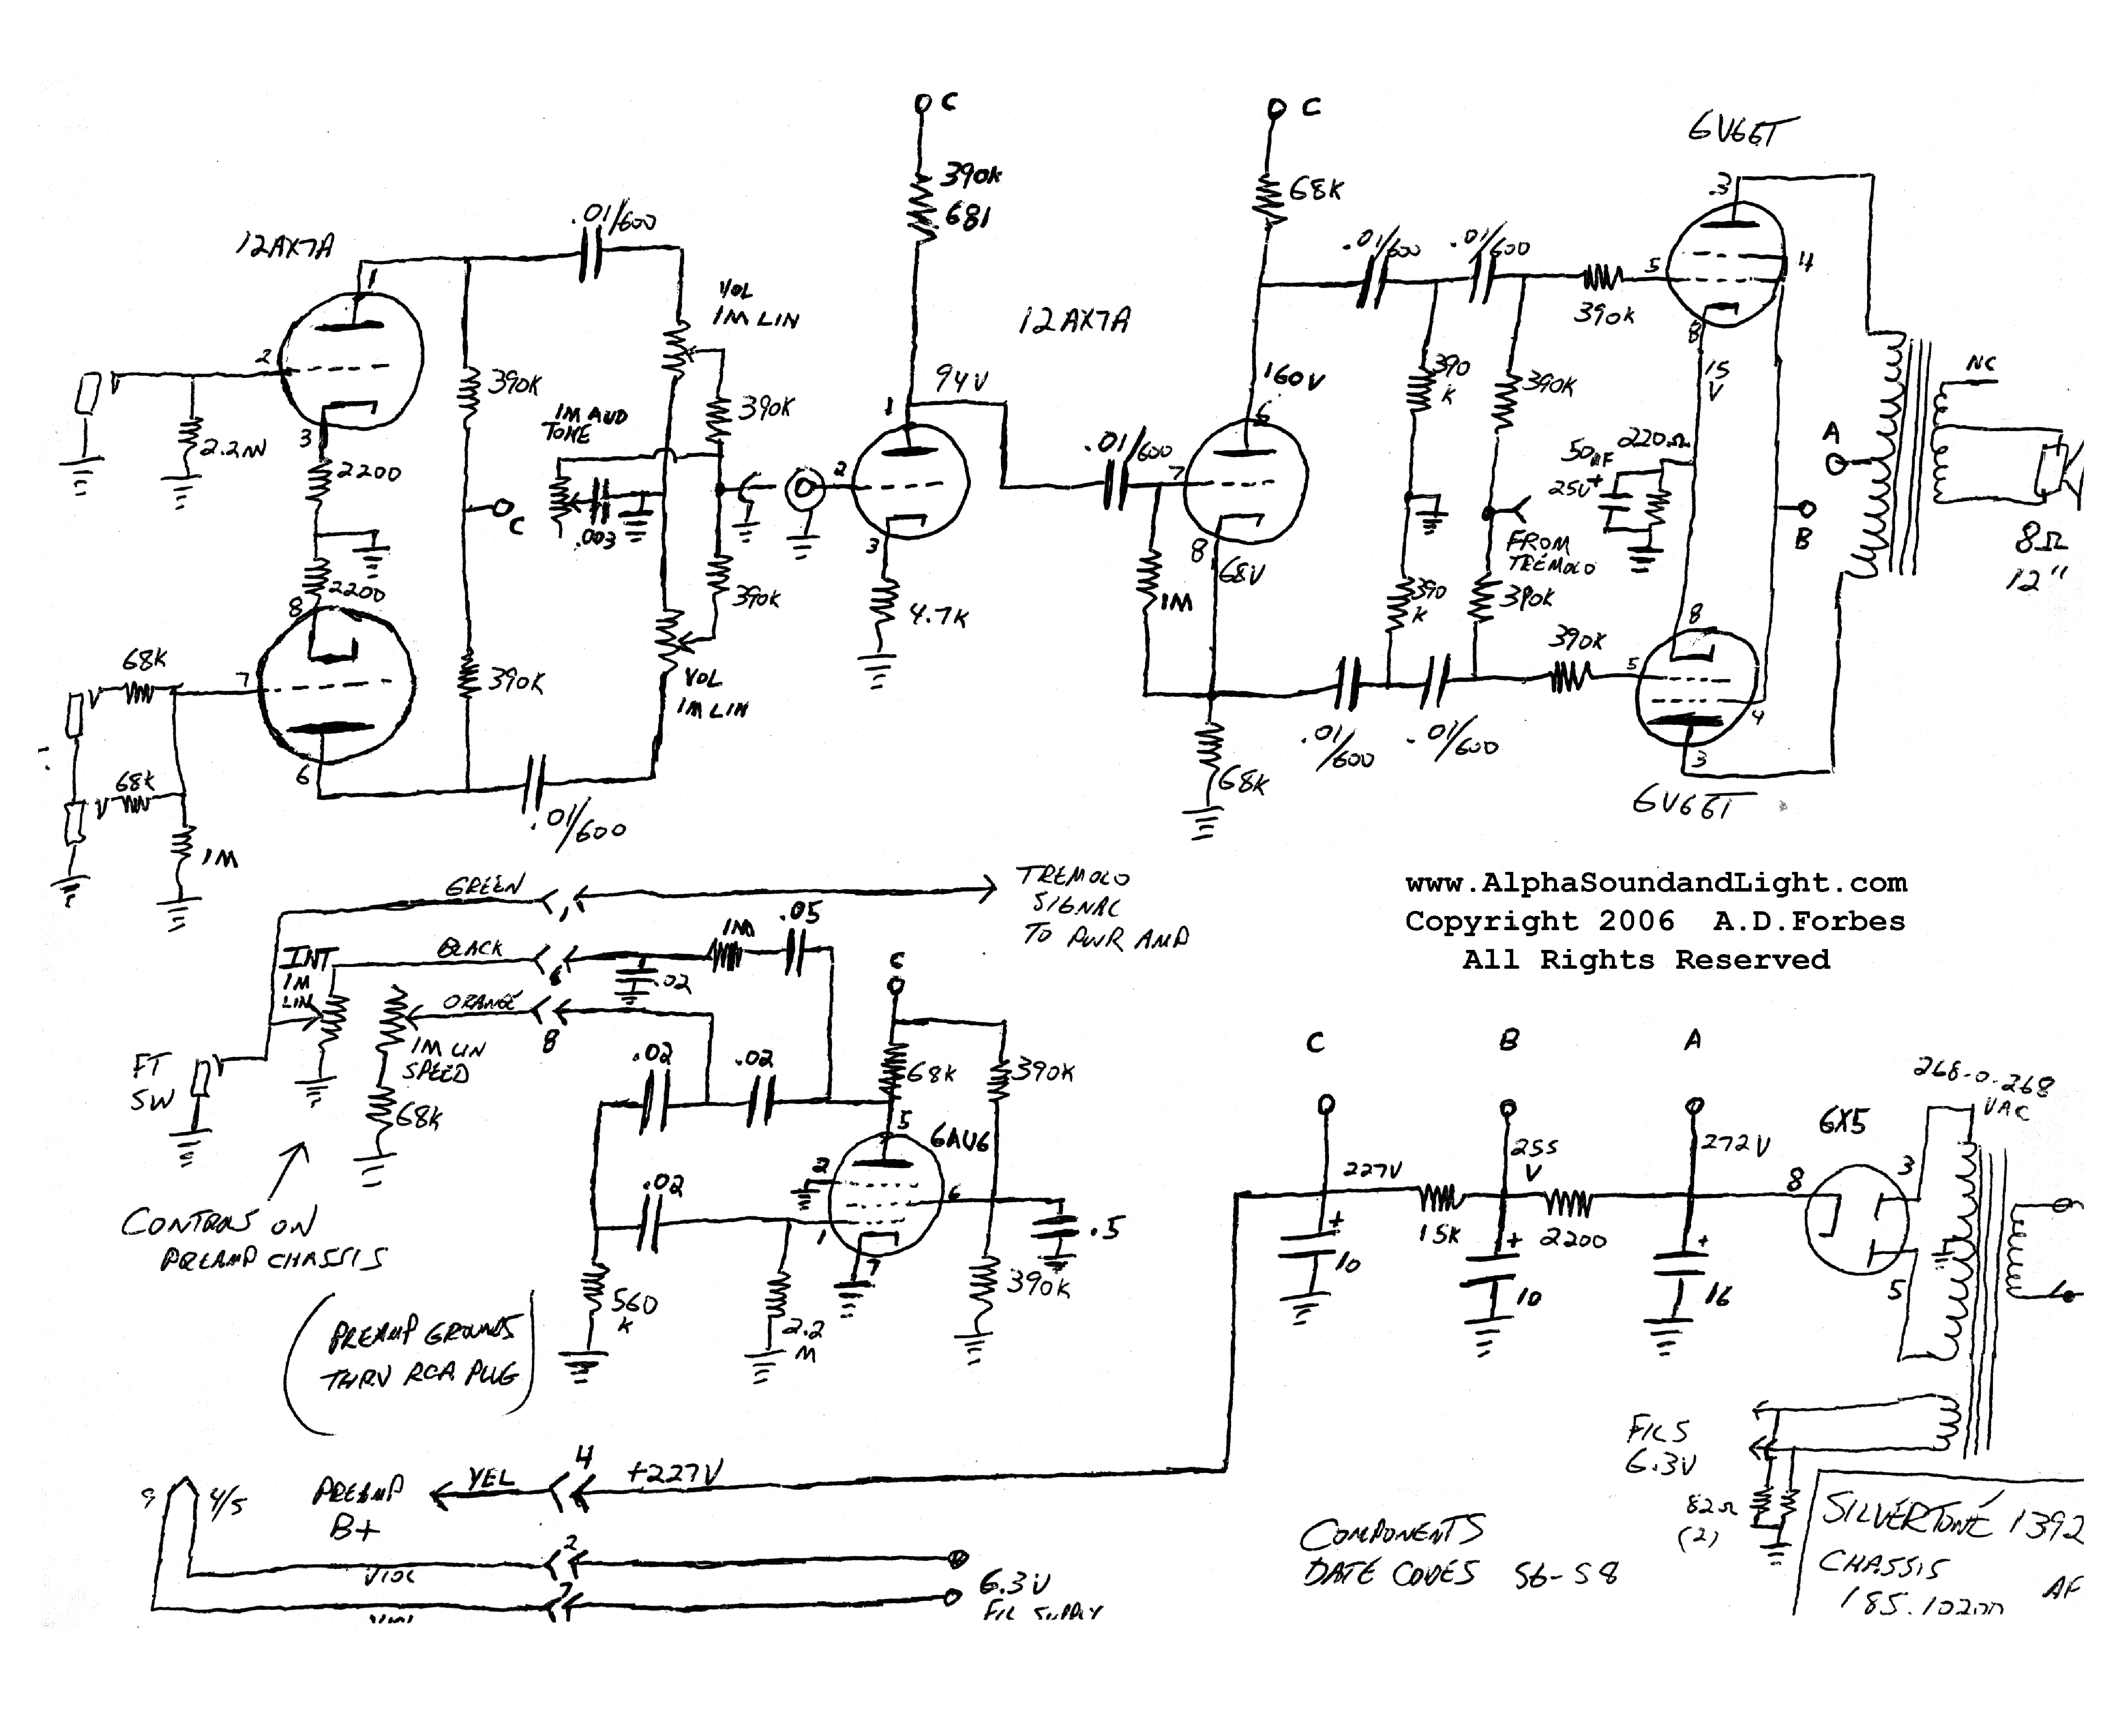 silvertone 1392 sch service manual free download, schematics on silvertone 1482 schematic amp